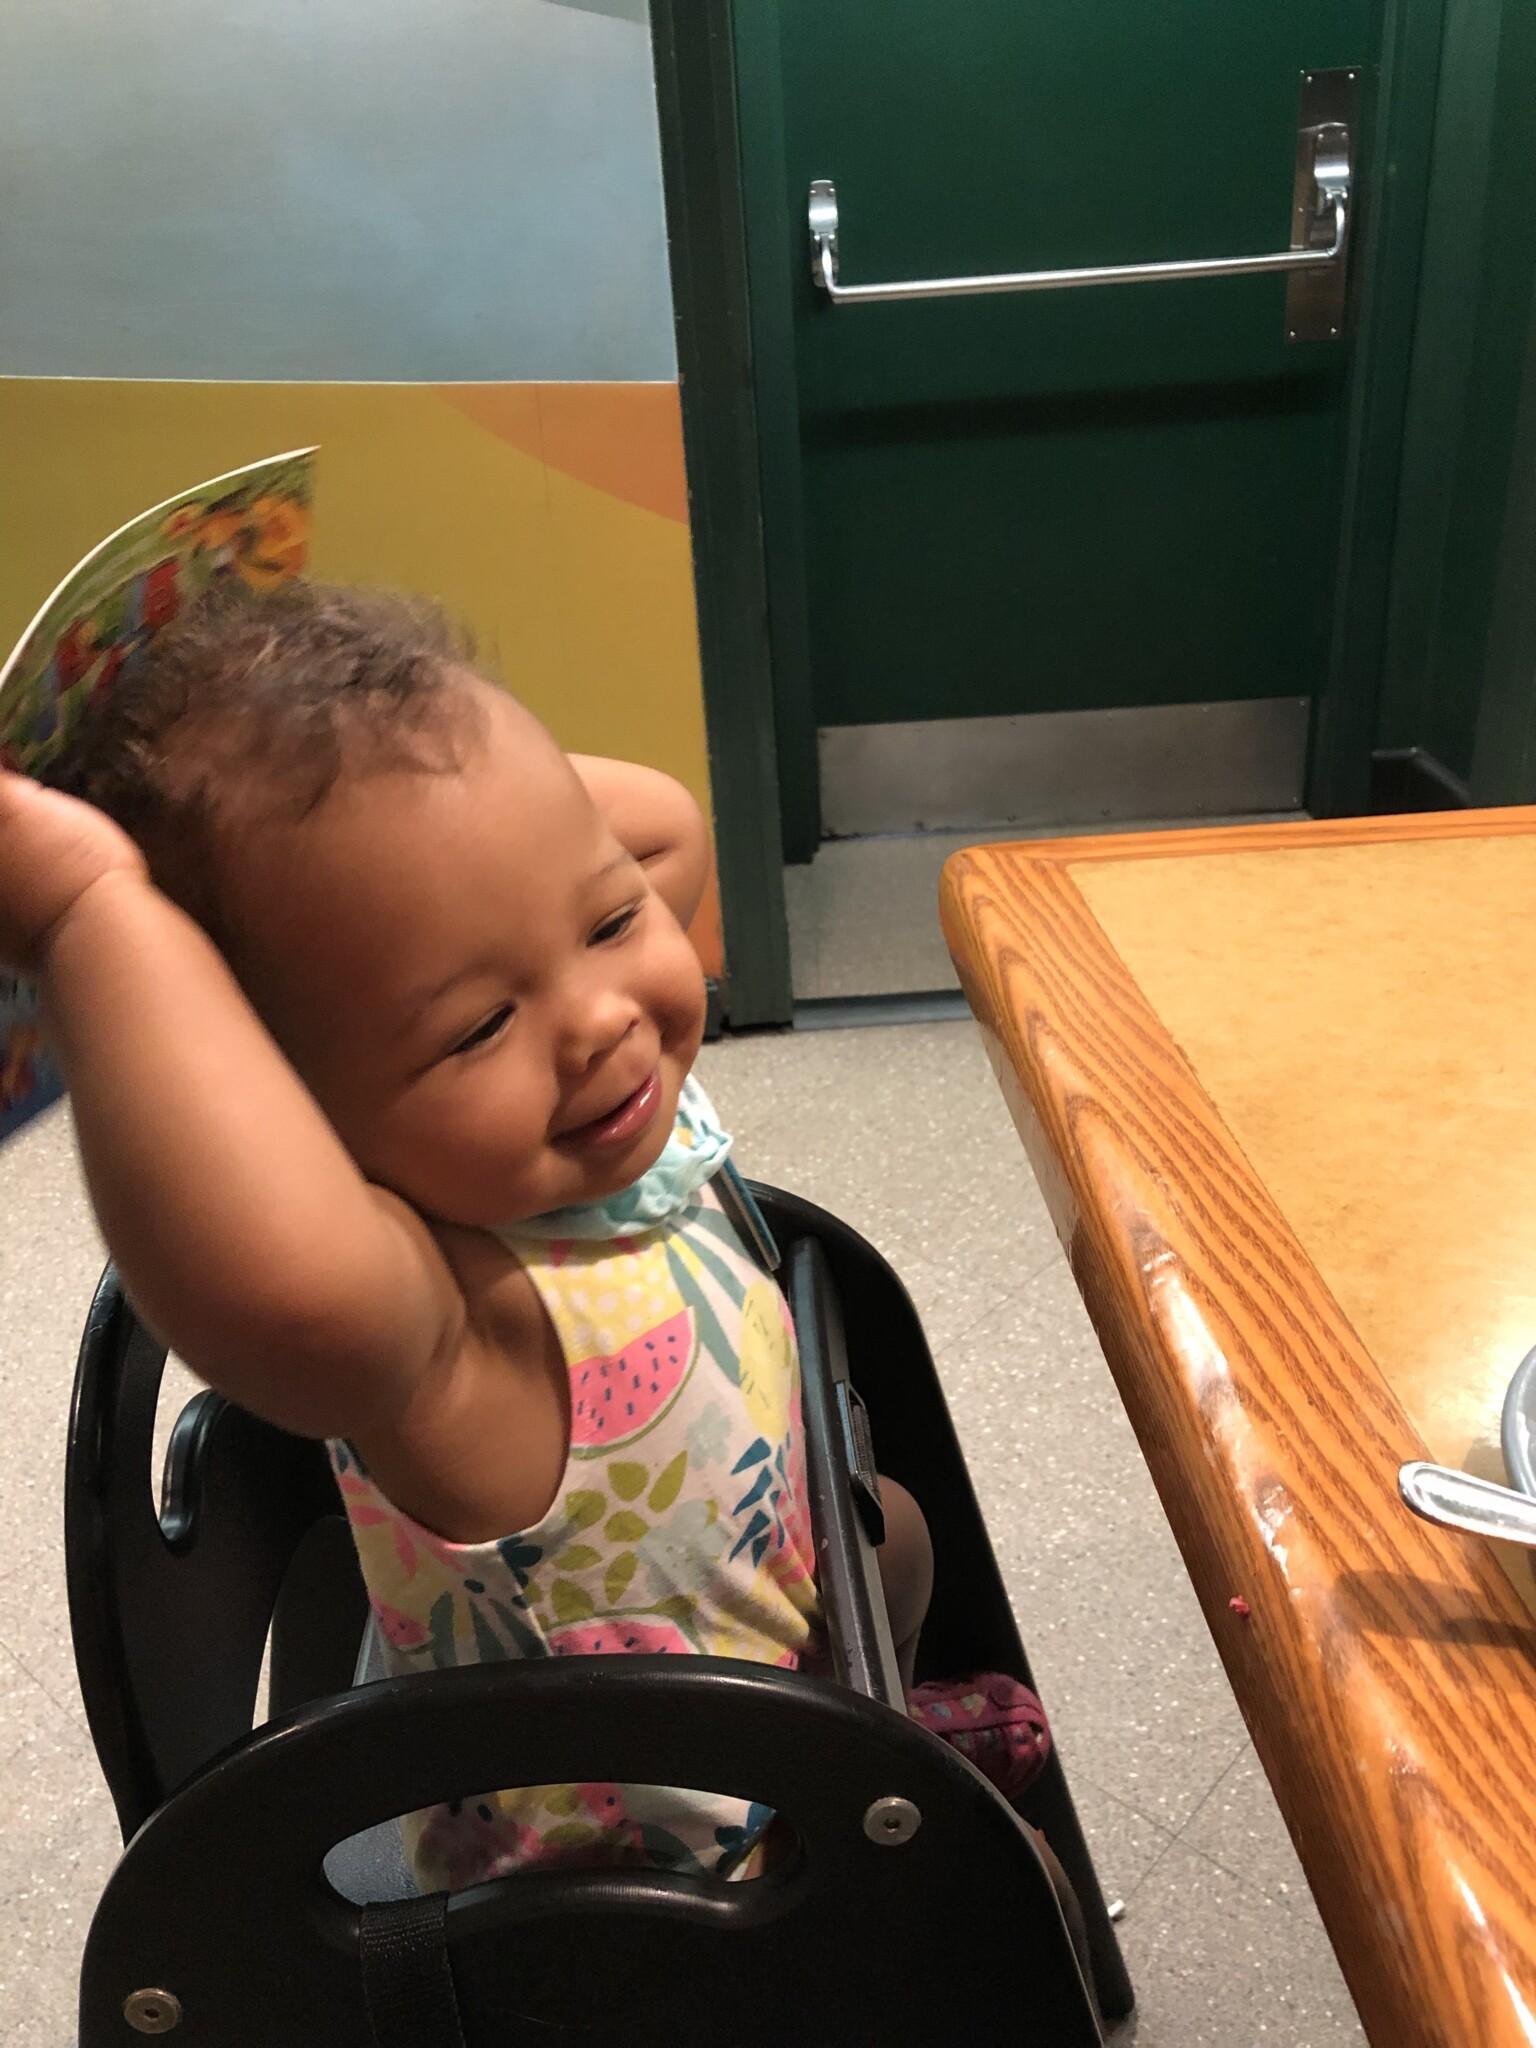 2 semaines en Floride avec un bébé de 1 an - Séjour du 2 au 16 mai 2019 DCL + WDW - Page 18 IMG_1310-1536x2048